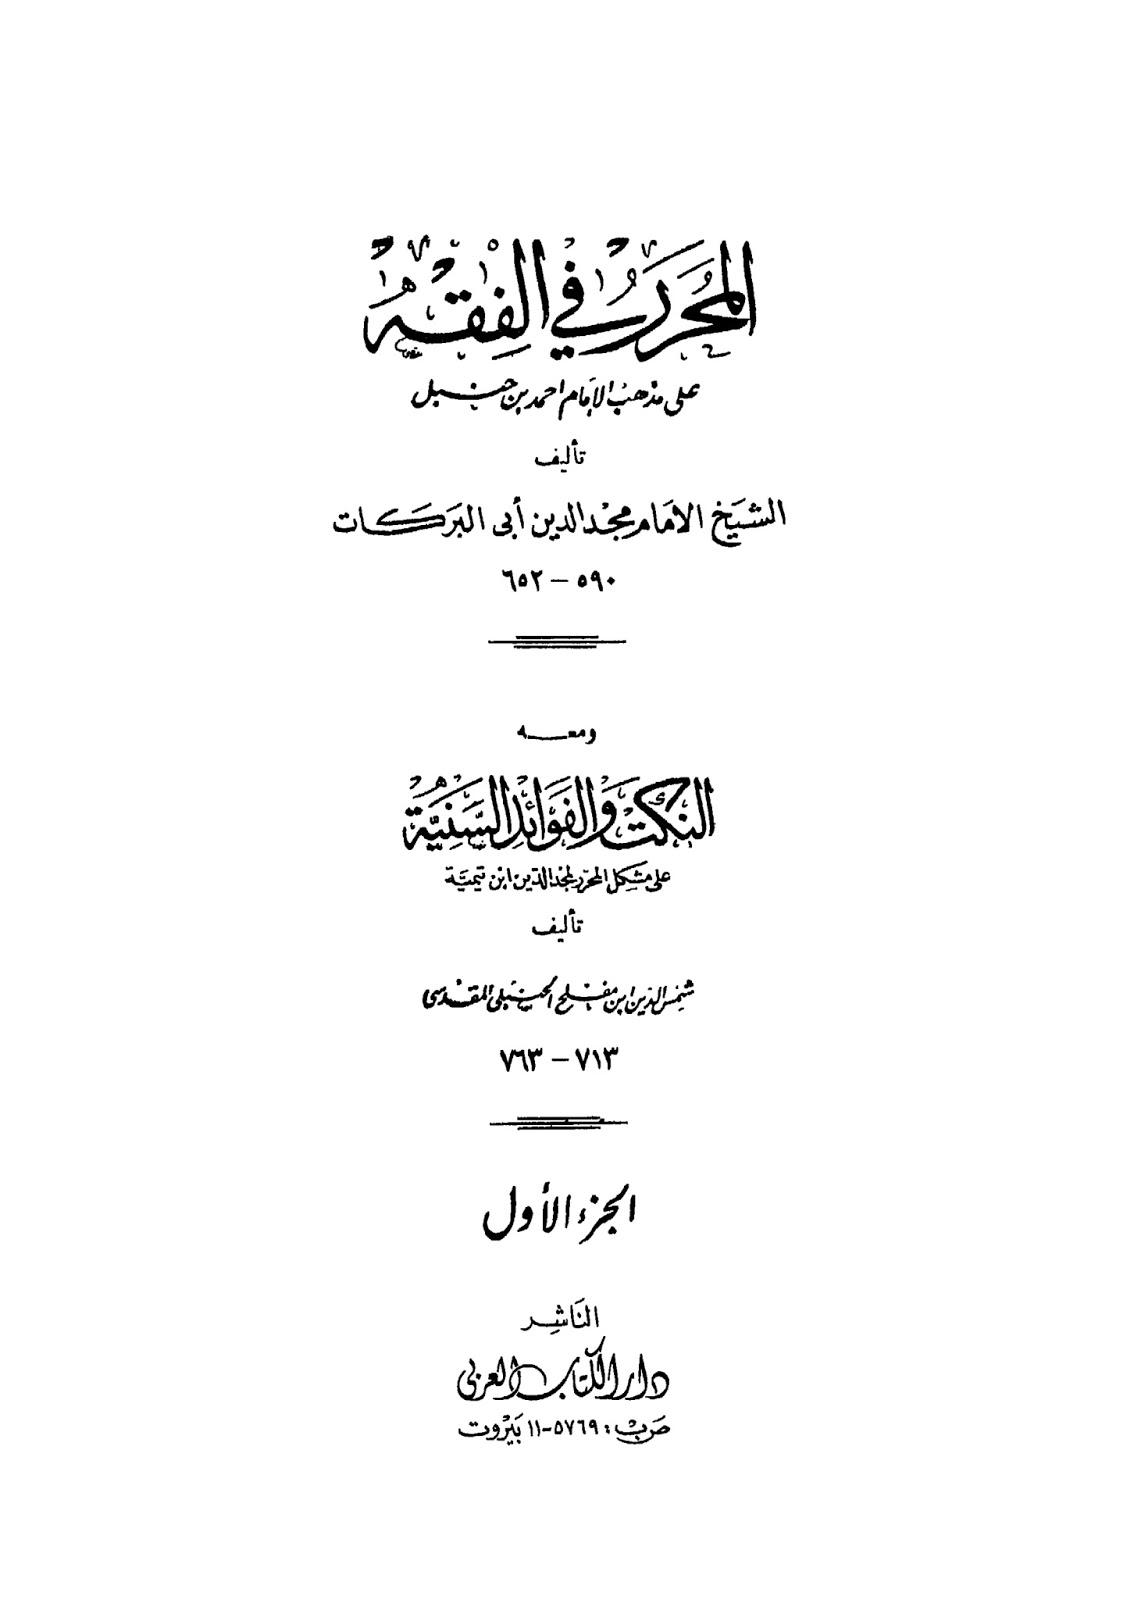 المحرر في الفقه على مذهب الإمام أحمد ومعه النكت والفوائد السنية - مجد الدين أبي البركات pdf